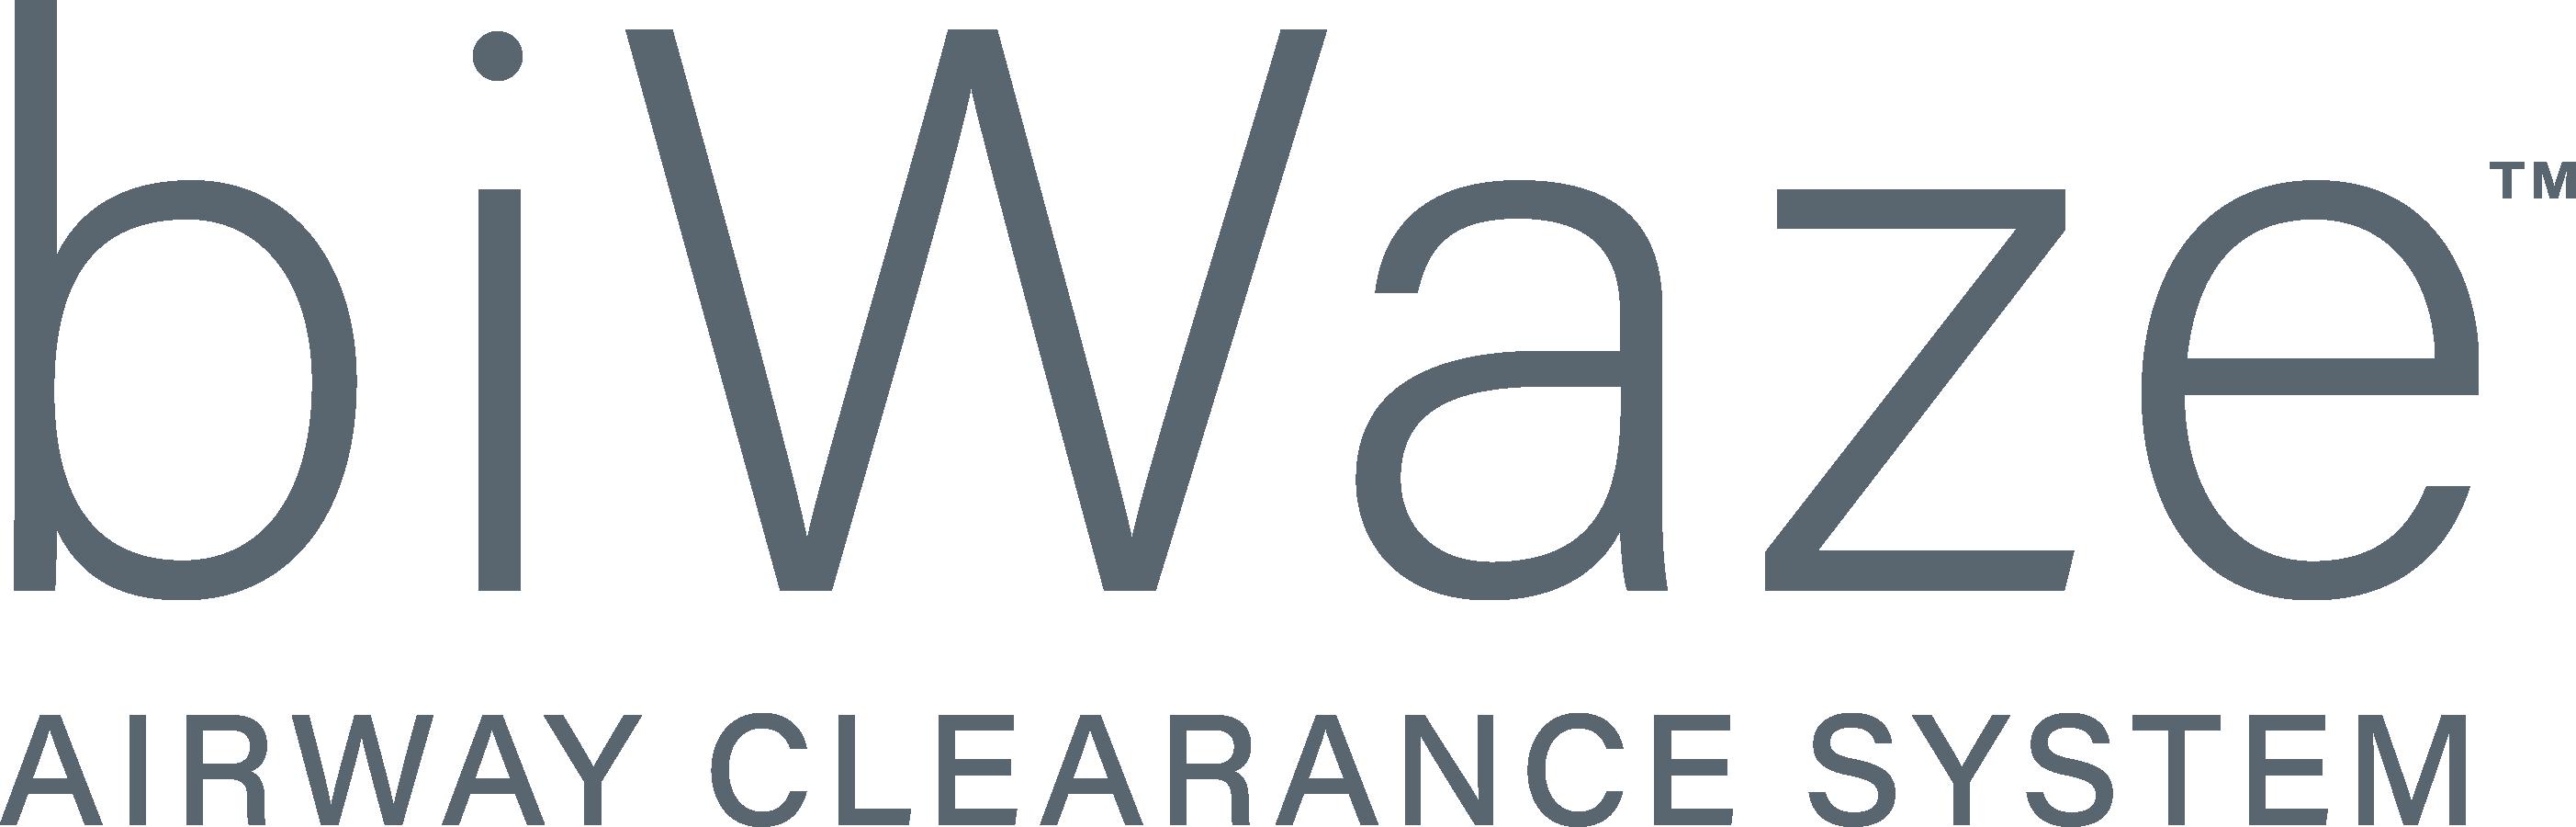 biWaze logo